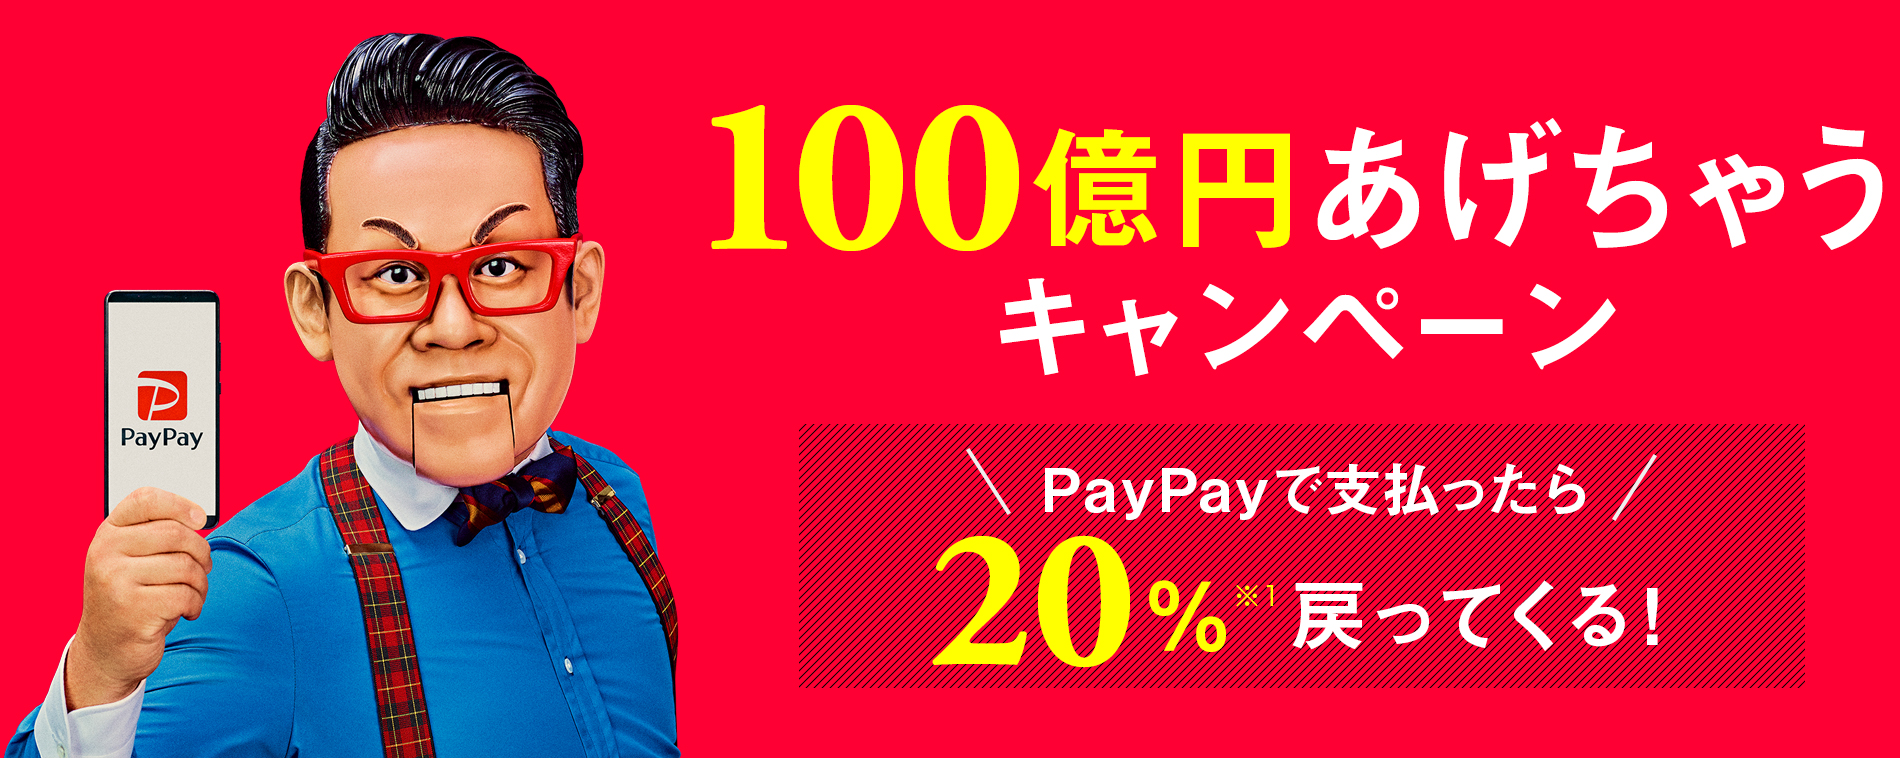 「paypay」の画像検索結果